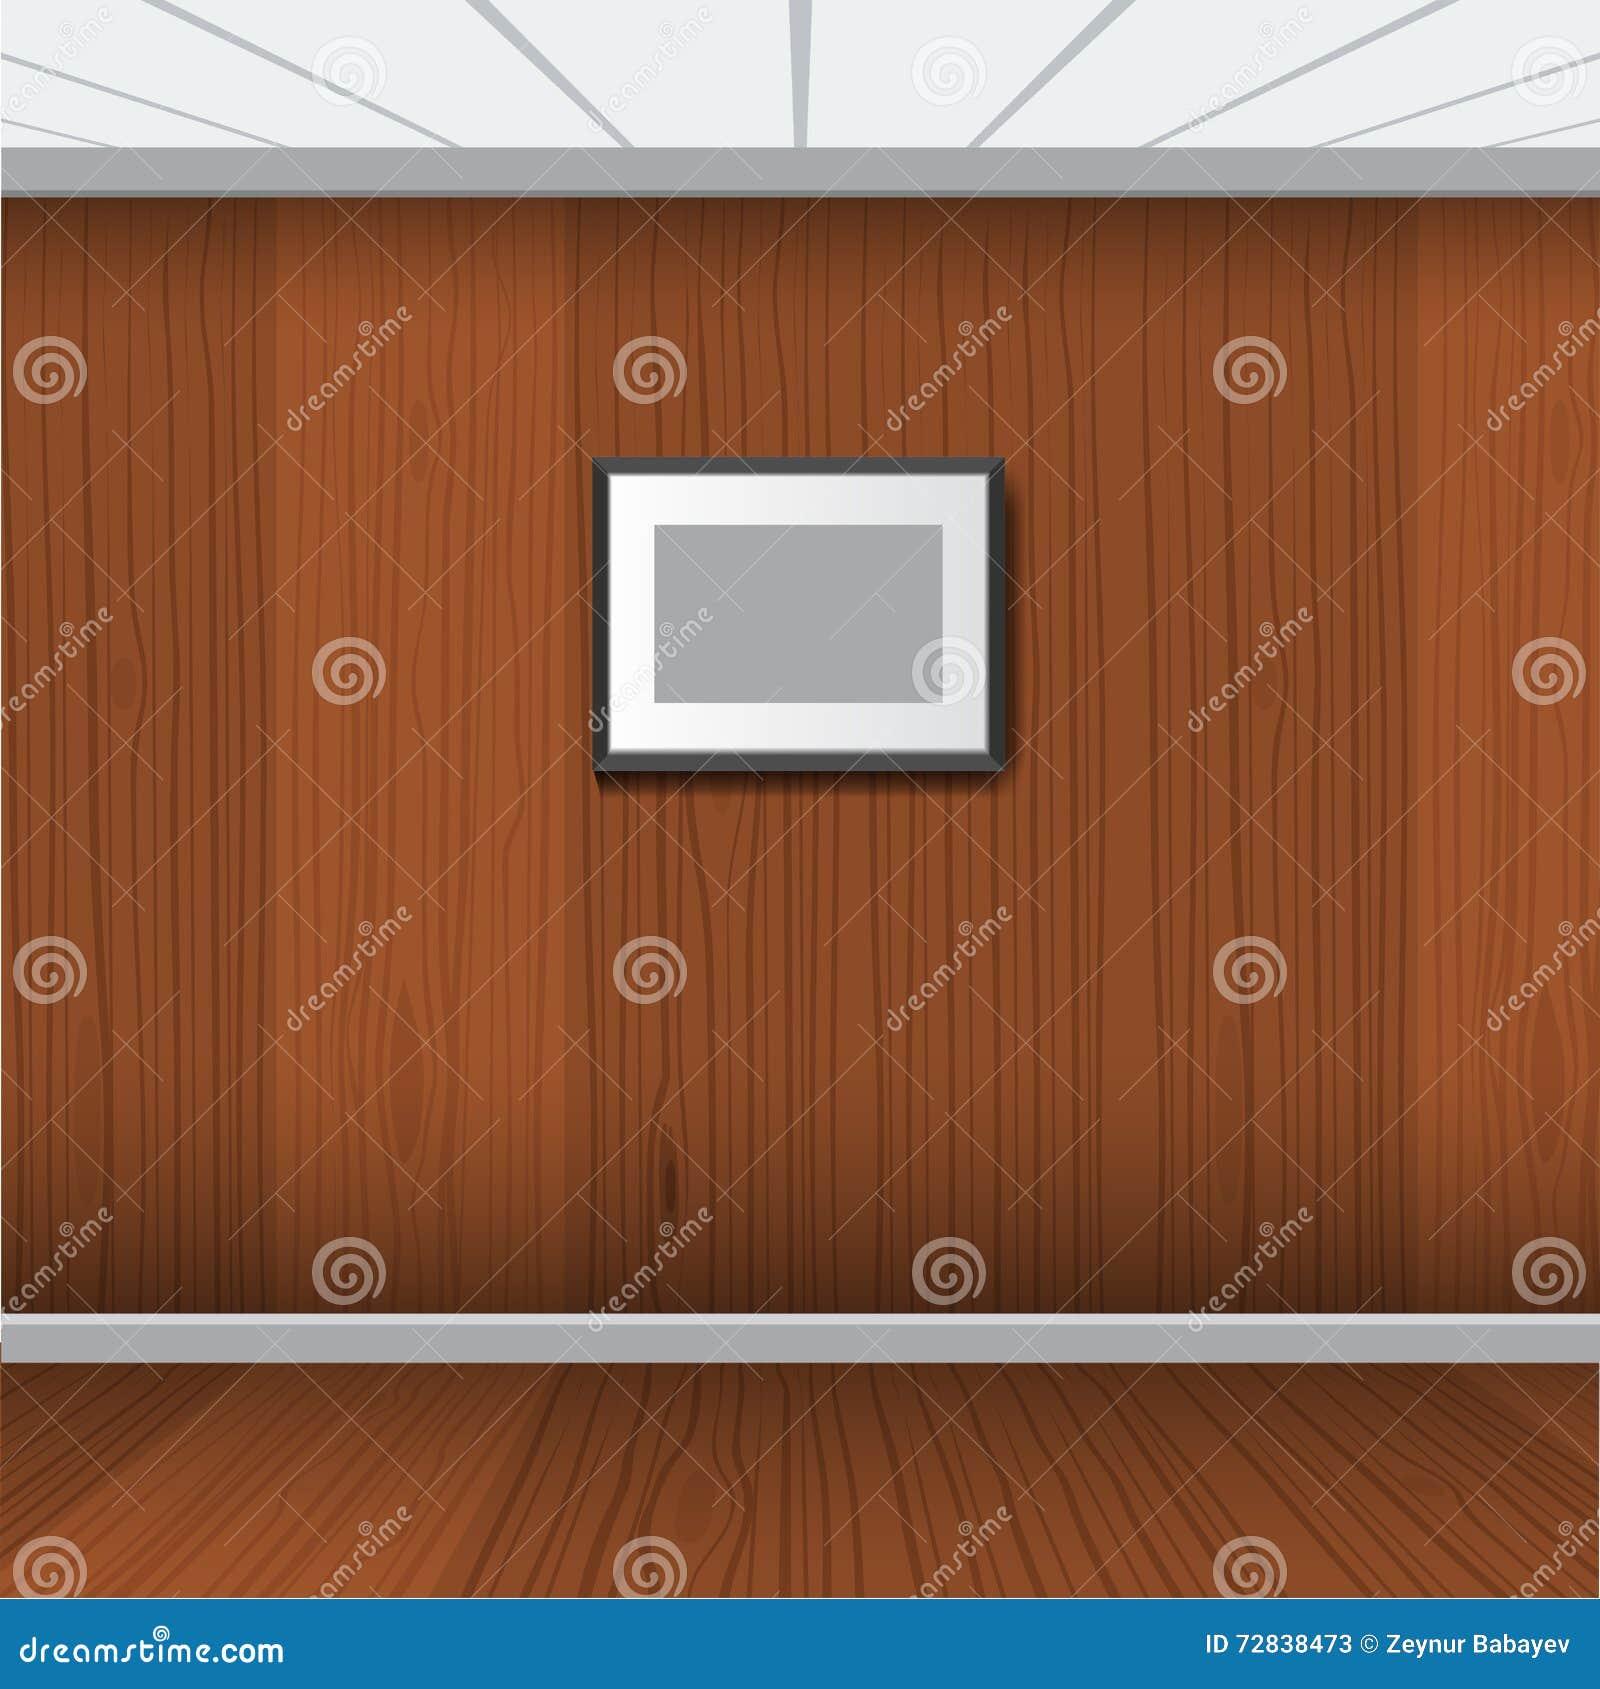 Marco realista de la foto con el sitio interior de madera Ilustración del vector